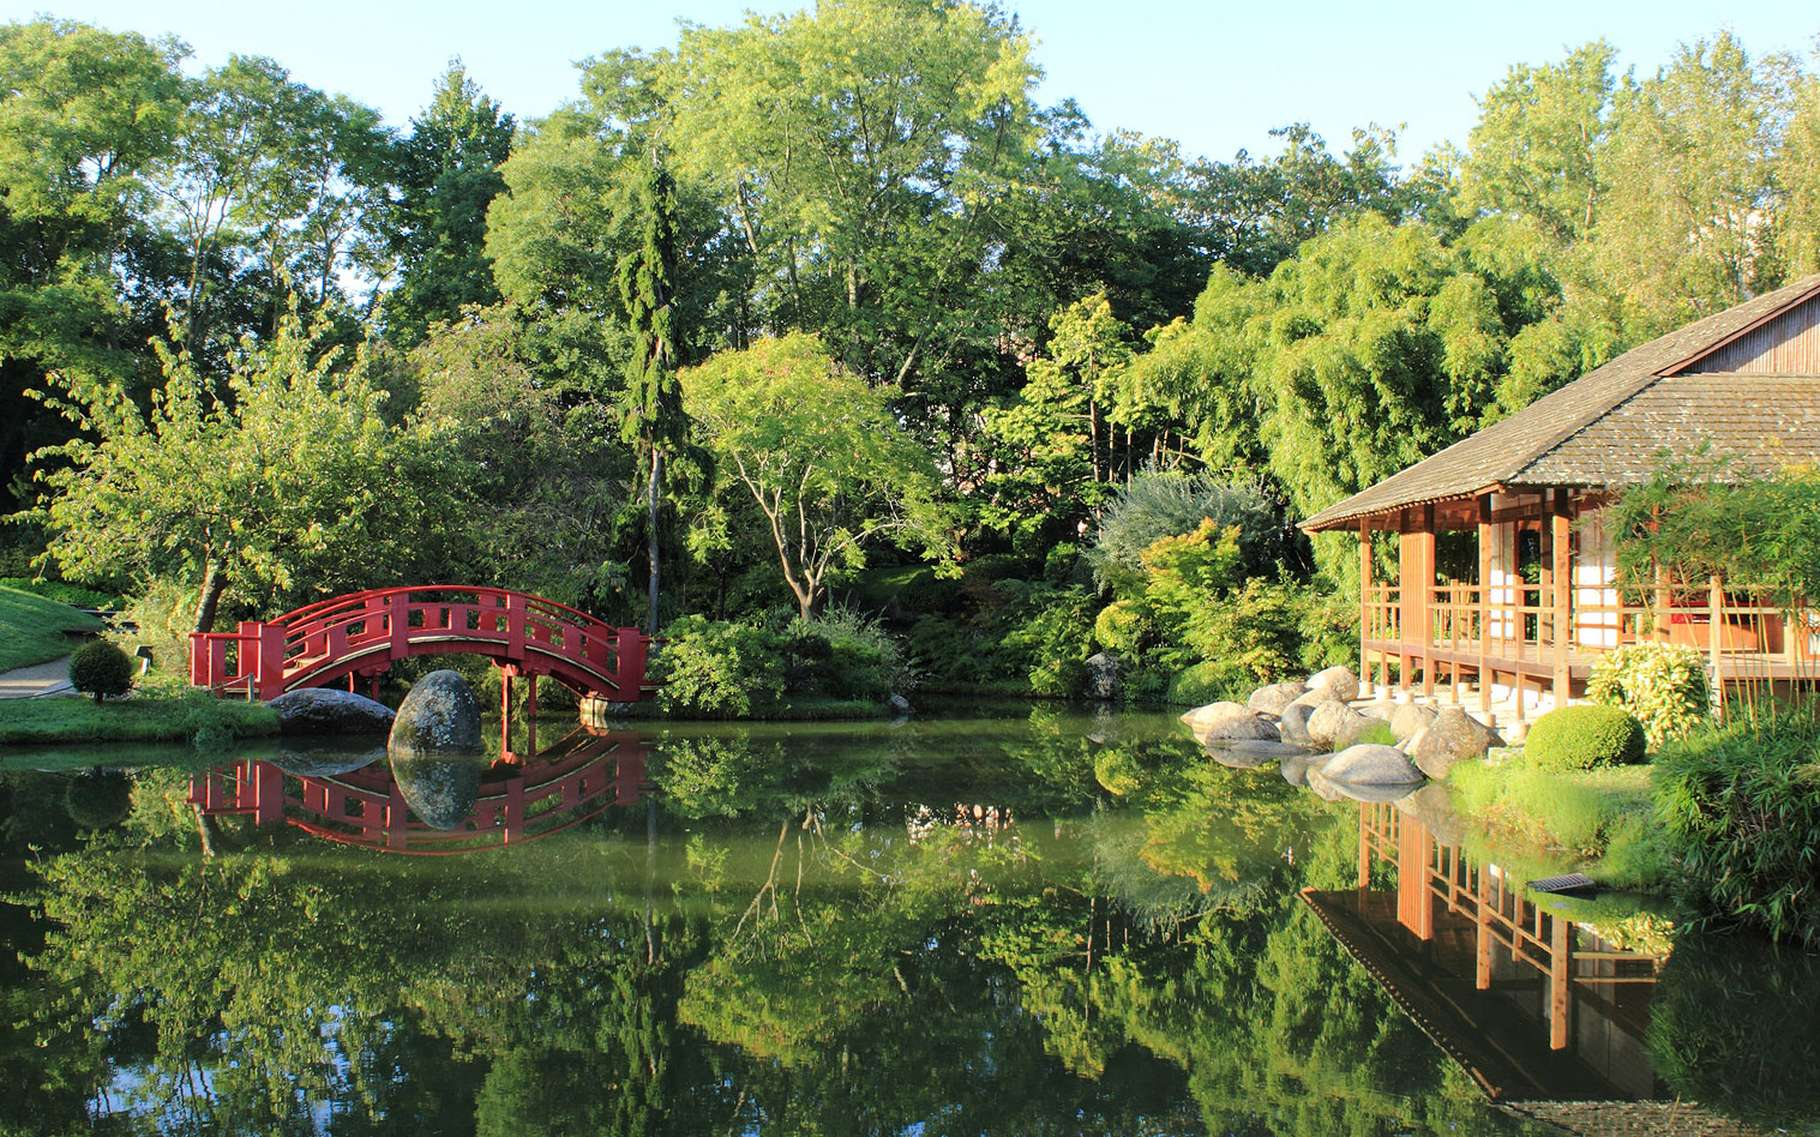 Le dépaysement d'un jardin japonais au cœur de Toulouse. Le temps s'arrête en franchissant l'entrée de ce jardin japonais tout récent, conçu en 1981, sous le mandat de Pierre Baudis, maire de Toulouse. En plein centre de la ville rose, au cœur du parc de Compans-Caffarelli, vaste espace vert de 10 hectares, il occupe 7.000 m2. S'inspirant des jardins créés à Kyoto entre les XIVe et XVIe siècles (correspondant aux périodes de Muromachi et d'Edo), c'est un jardin de type Tsukiyama, c'est-à-dire un composé de collines artificielles. Il est une synthèse des jardins japonais et a été conçu pour offrir le plus d'intimité possible dans une mise en scène des mondes minéral, végétal et aquatique, avec notamment d'un plan d'eau avec son île au milieu, l'ensemble est agrémenté de nombreux éléments décoratifs typiques et d'un pavillon des thés. Une belle promenade, classée « Jardin remarquable de France » agrémentée de panneaux explicatifs pour s'immerger dans la culture japonaise chère au cœur du son créateur.Lac et pavillon du thé, jardin japonais de Toulouse © PierreSelim, CC by 3.0